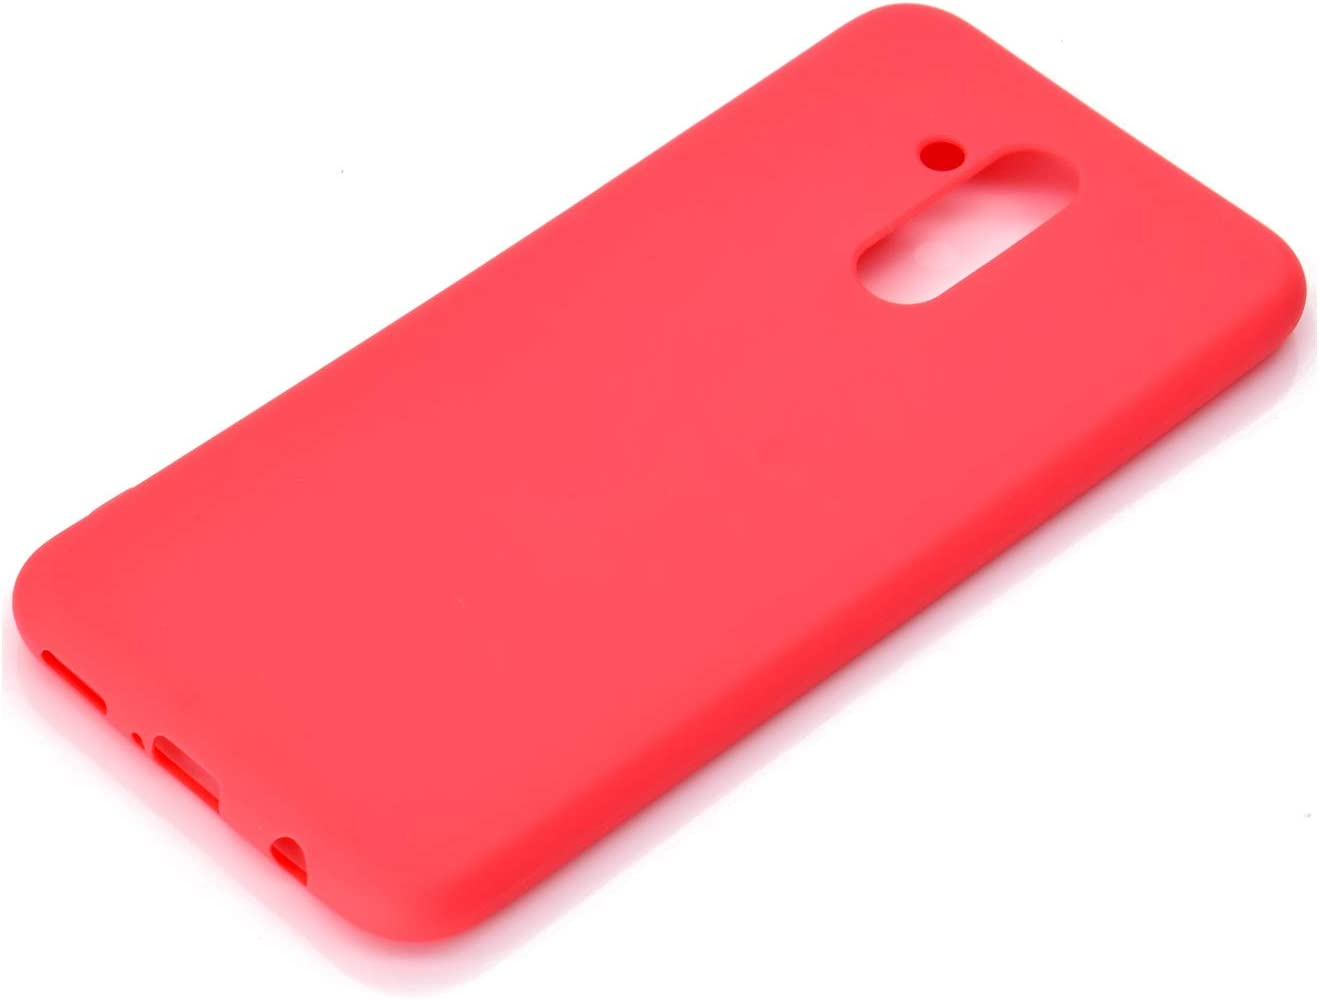 Noir LeviDo Coque Compatible pour Huawei Mate 10 Lite /Étui Silicone Souple Bumper Antichoc TPU Gel Case Ultra Fine Mince Caoutchouc Bonbons Couleurs Design Etui Cover Huawei Mate 10 Lite